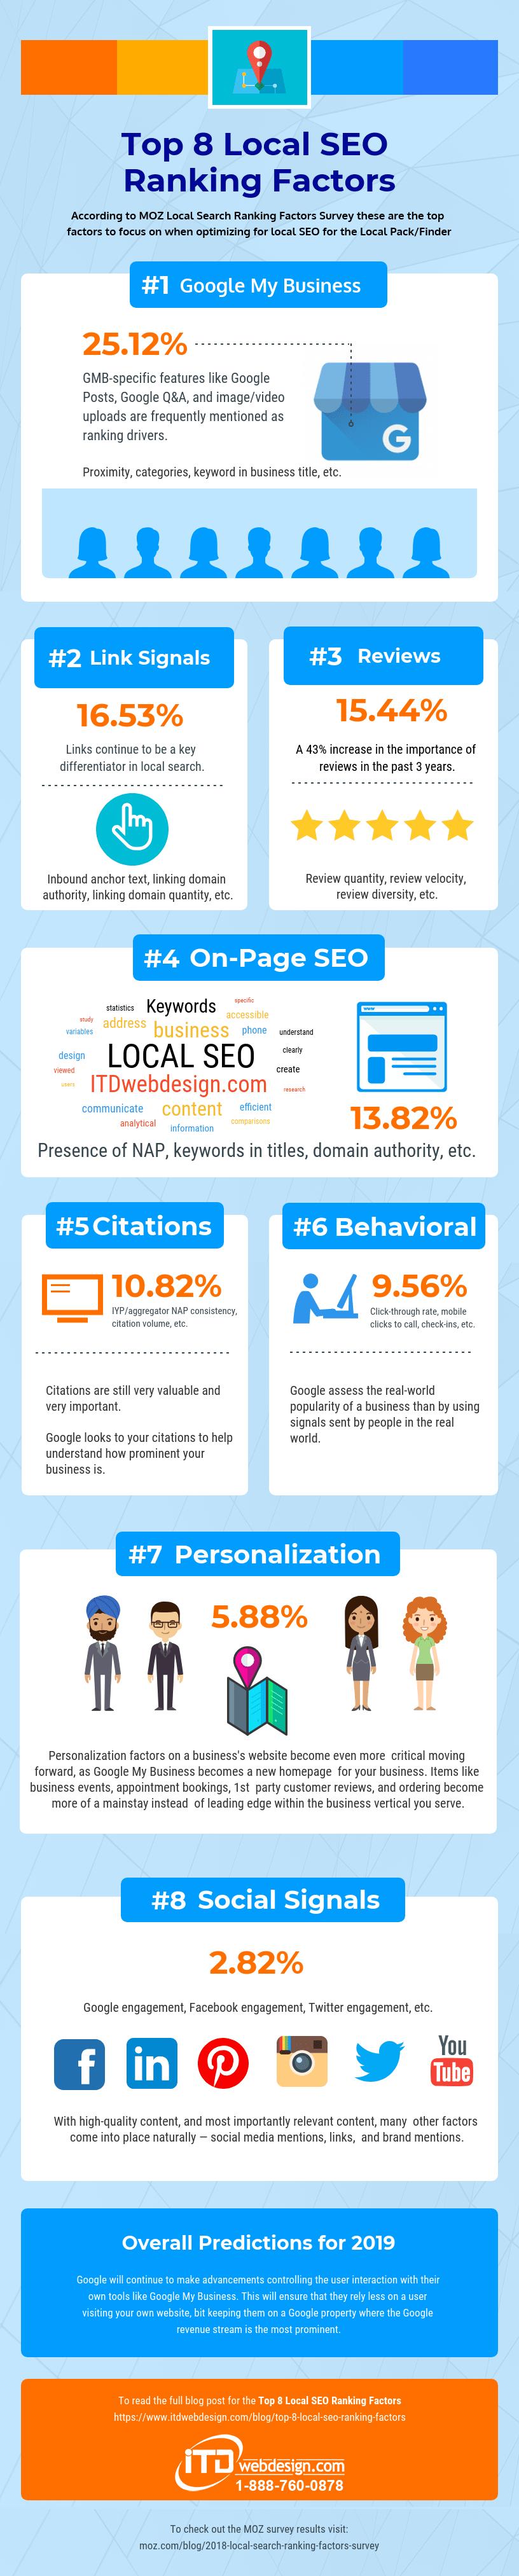 top 8 local seo ranking factors itdwebdesign.com